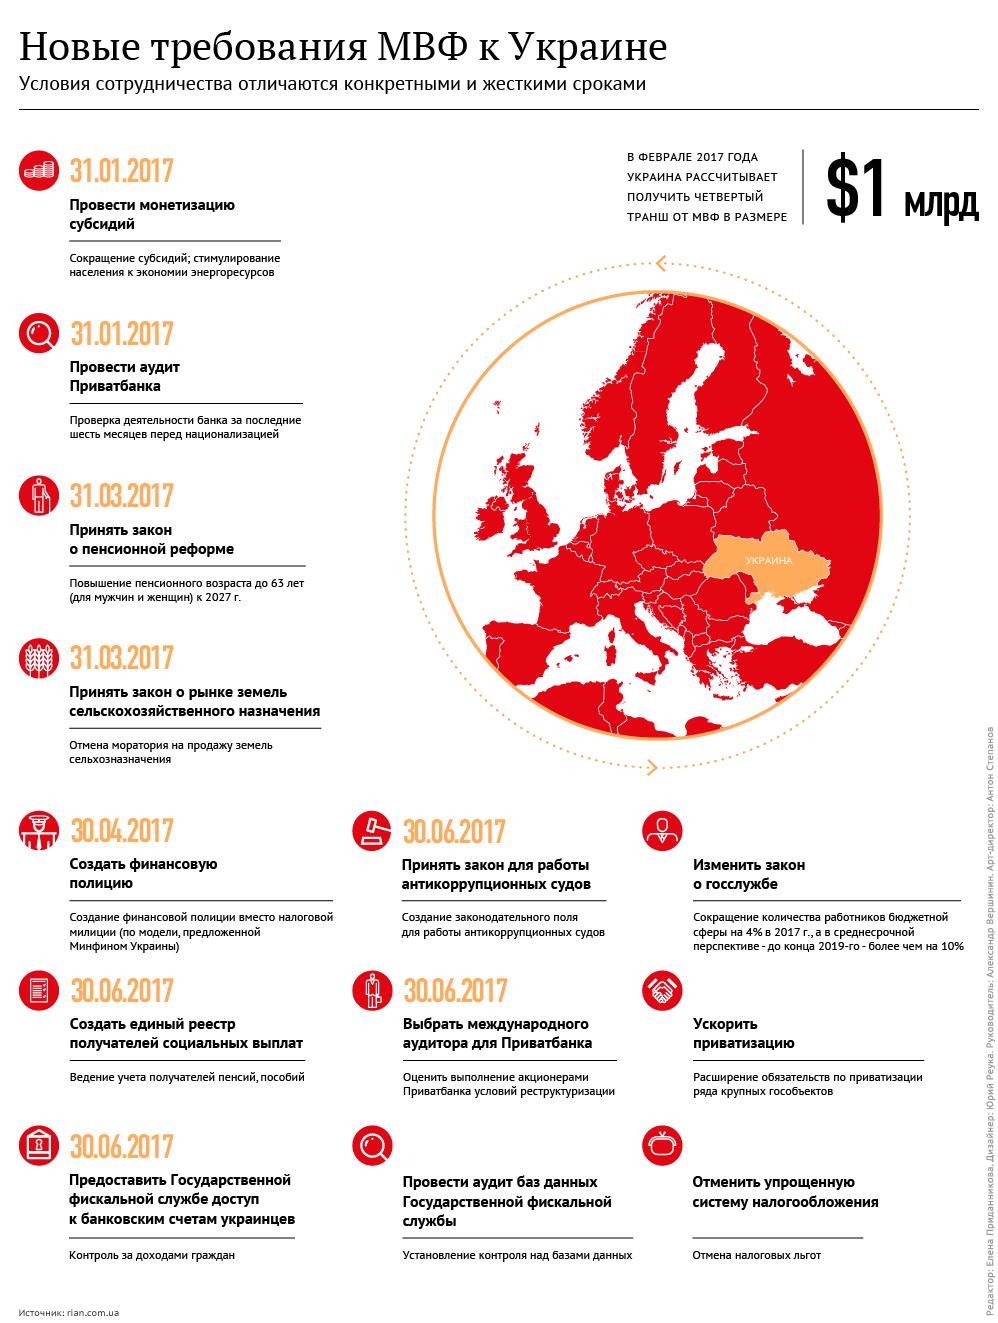 Шито-крыто. Новые требования МВФ к Украине. Инфографика